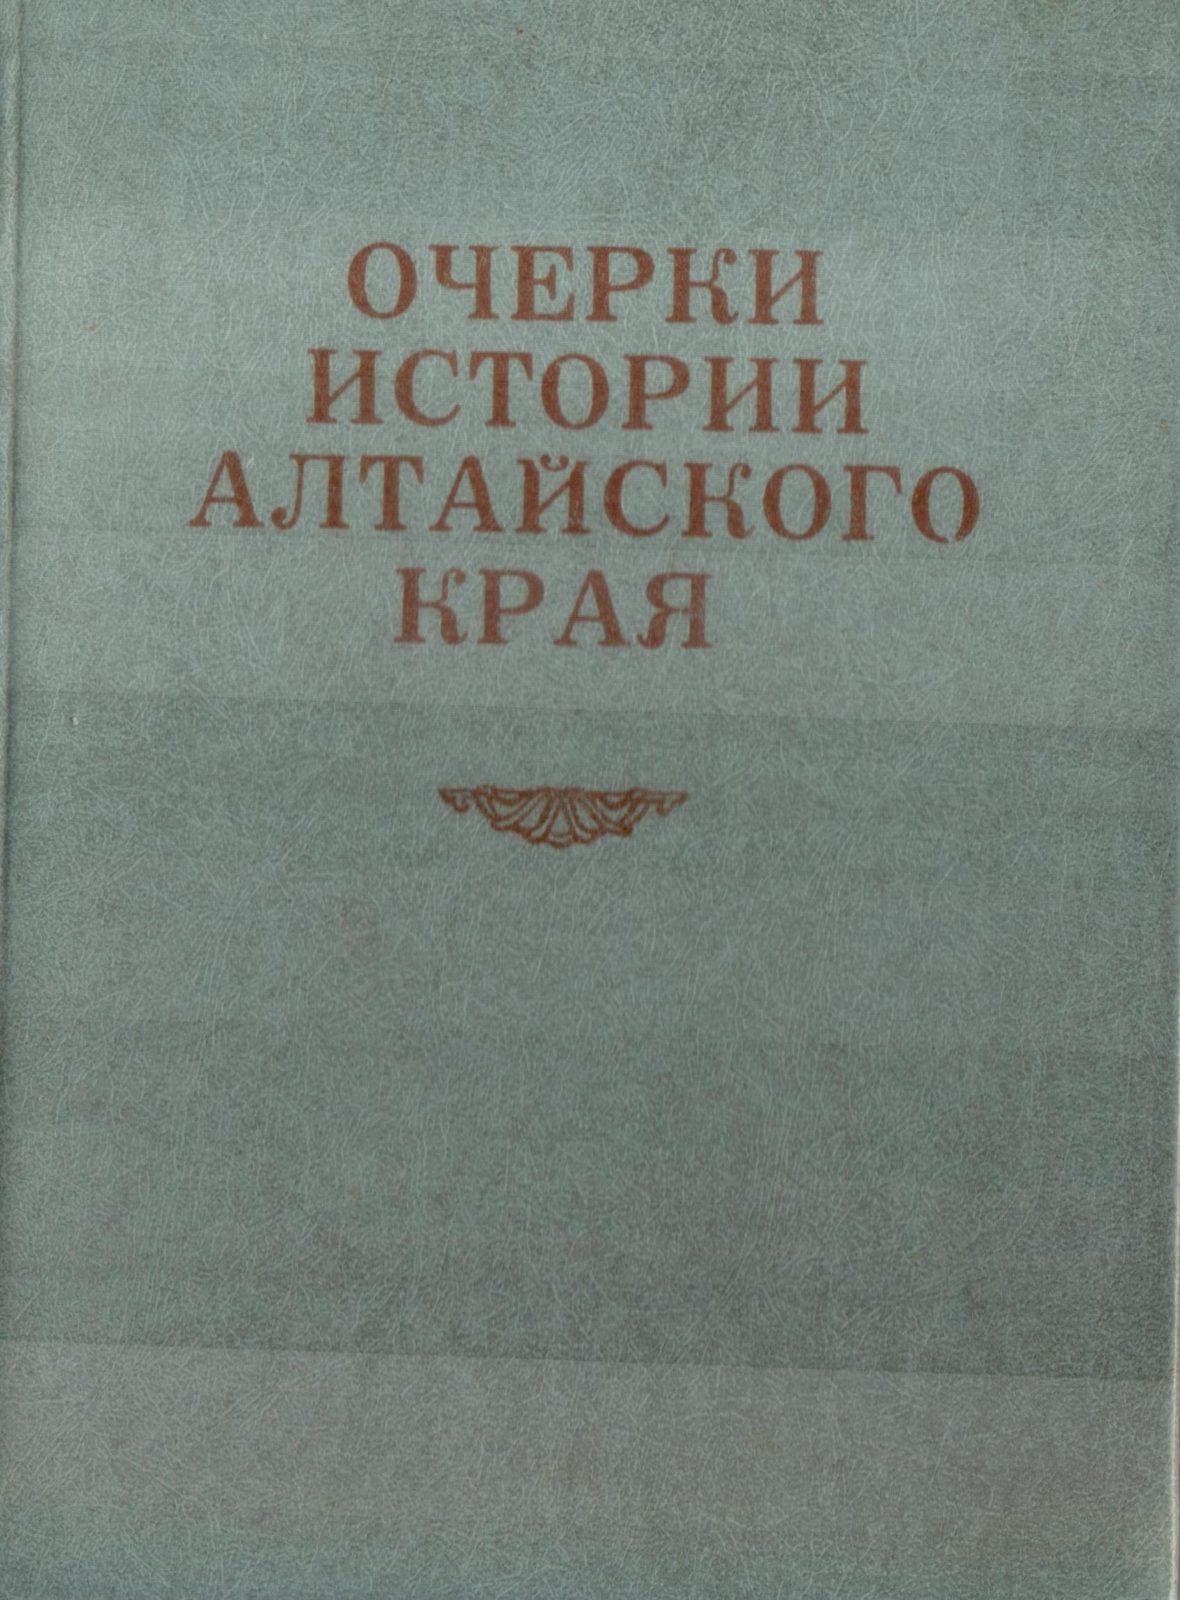 Очерки истории Алтайского края.